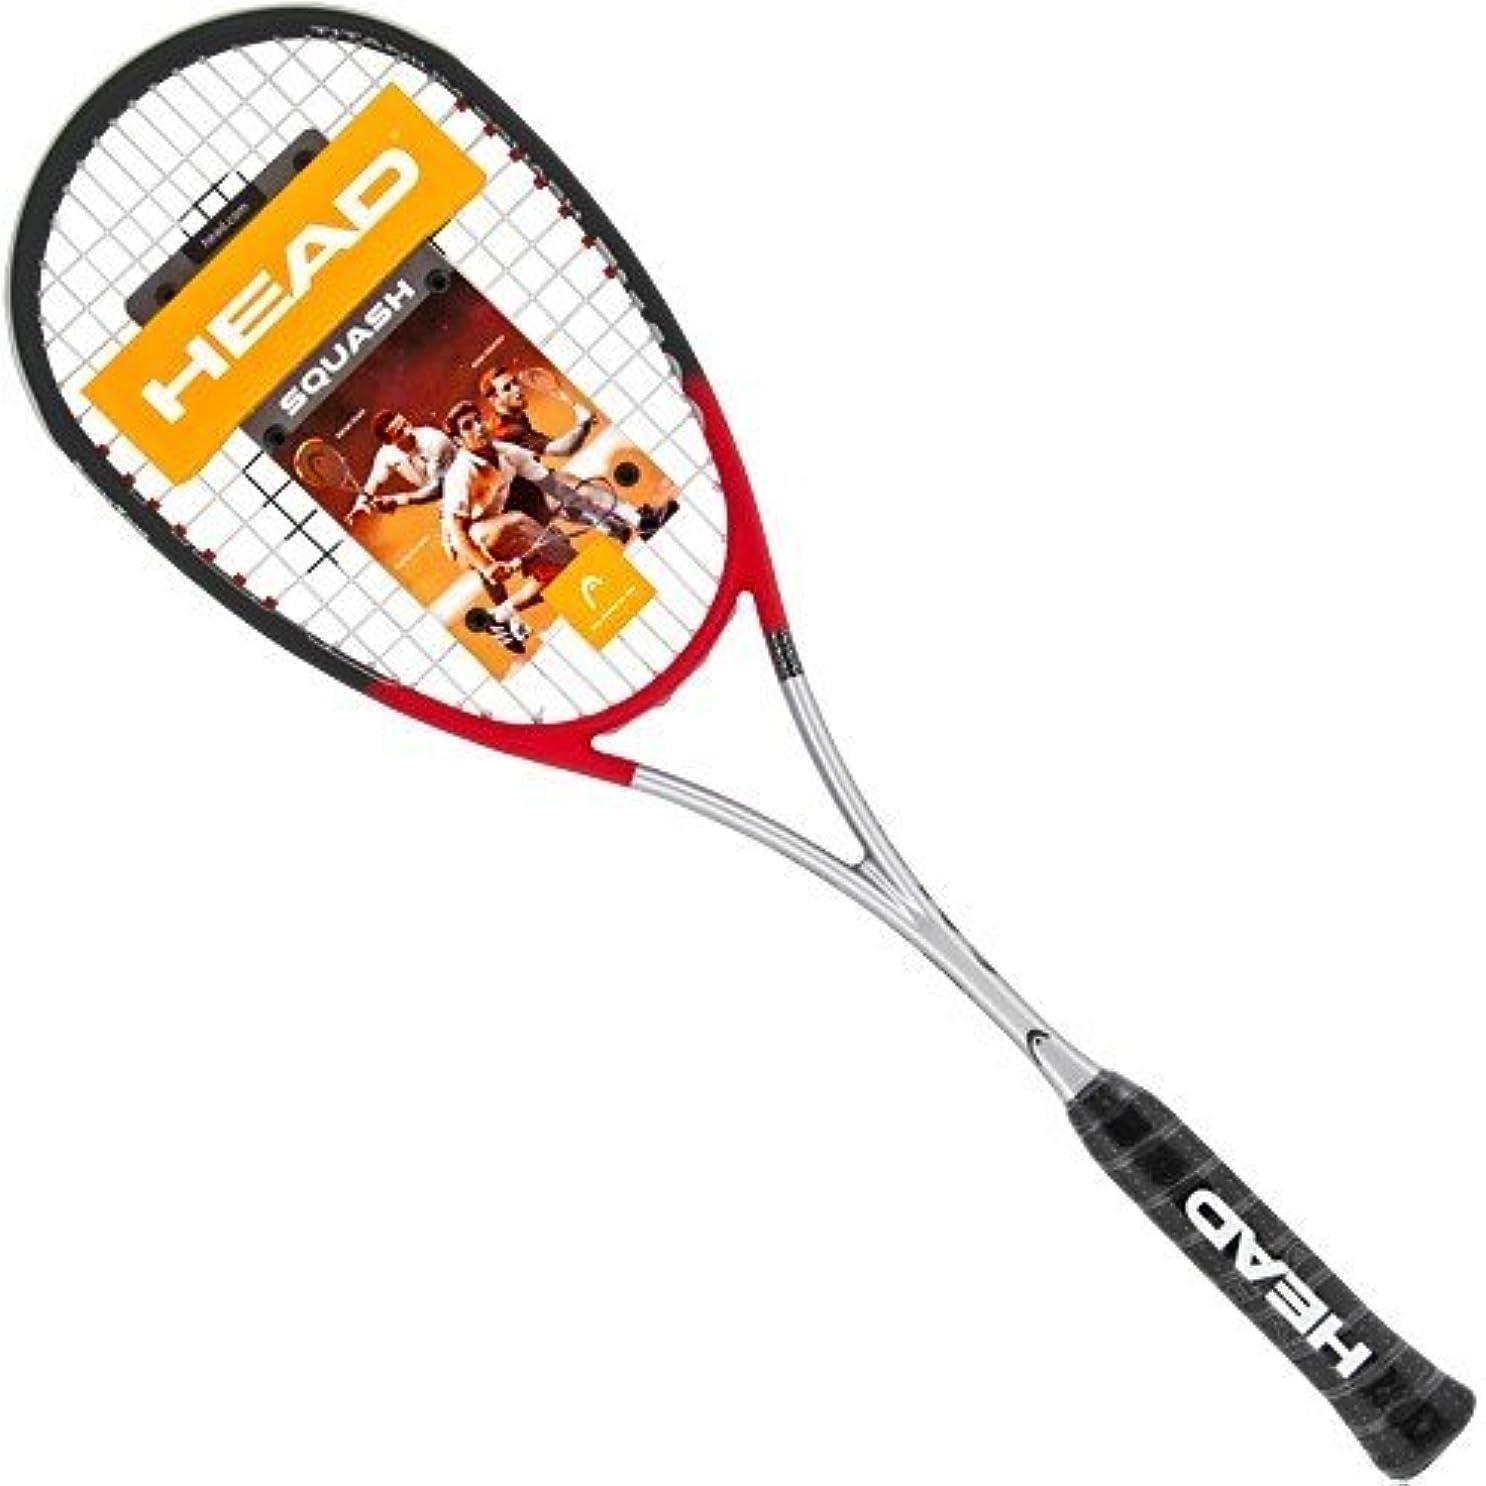 ハードウェア正規化マディソンHead Ti140g Squash Racquet